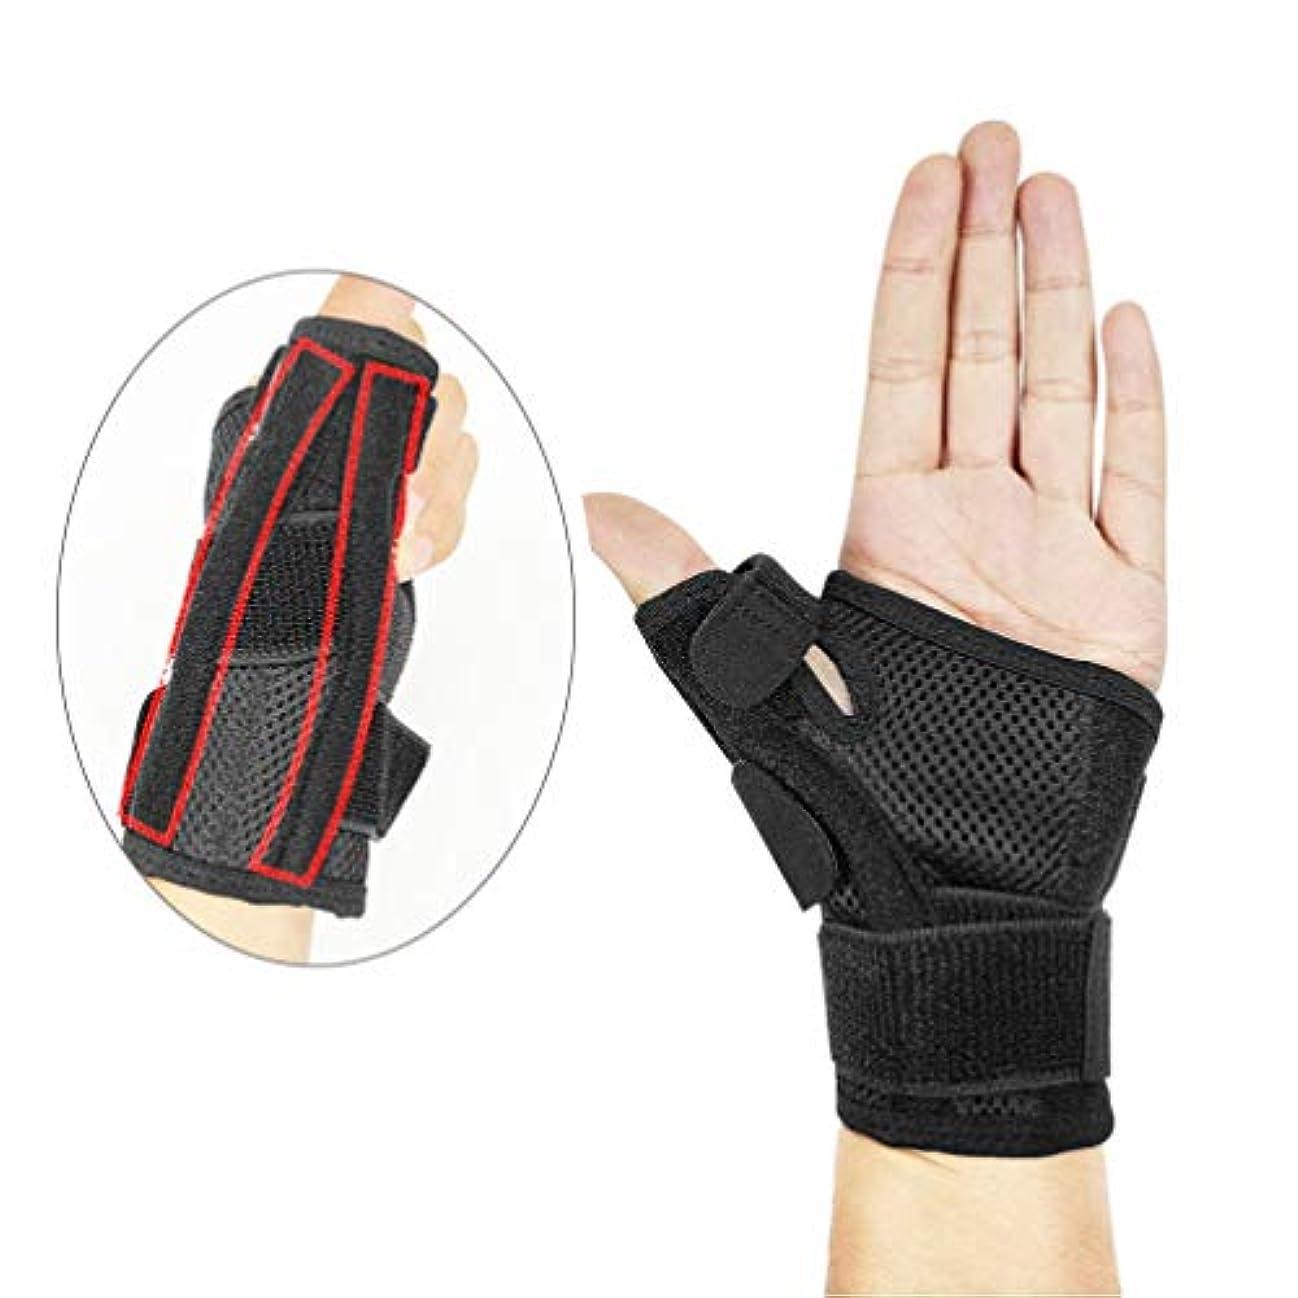 海賊未亡人振動させるHeallily 手首の圧縮手首のトンネルの苦痛救助、関節炎、腱炎のための1つの手首の圧縮の袖の調節可能な手首の支柱の保護装置